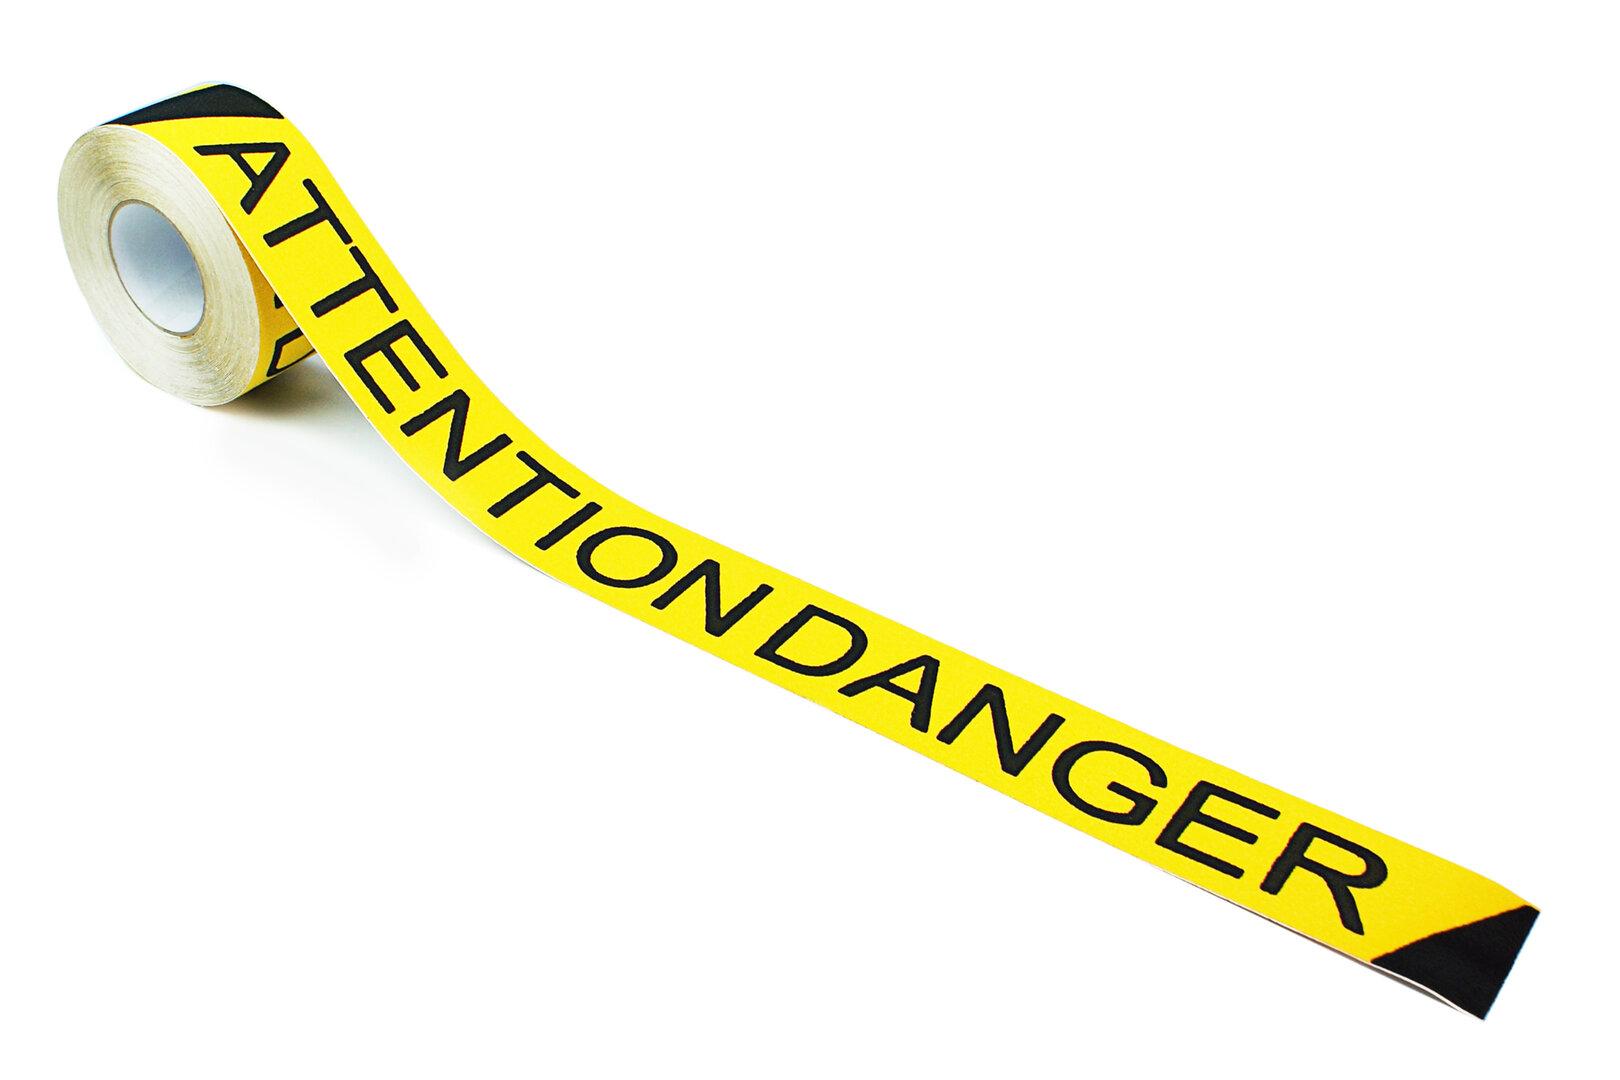 Černo-žlutá korundová protiskluzová páska s potiskem FLOMA Attention Danger - délka 18,3 m a šířka 7,5 cm